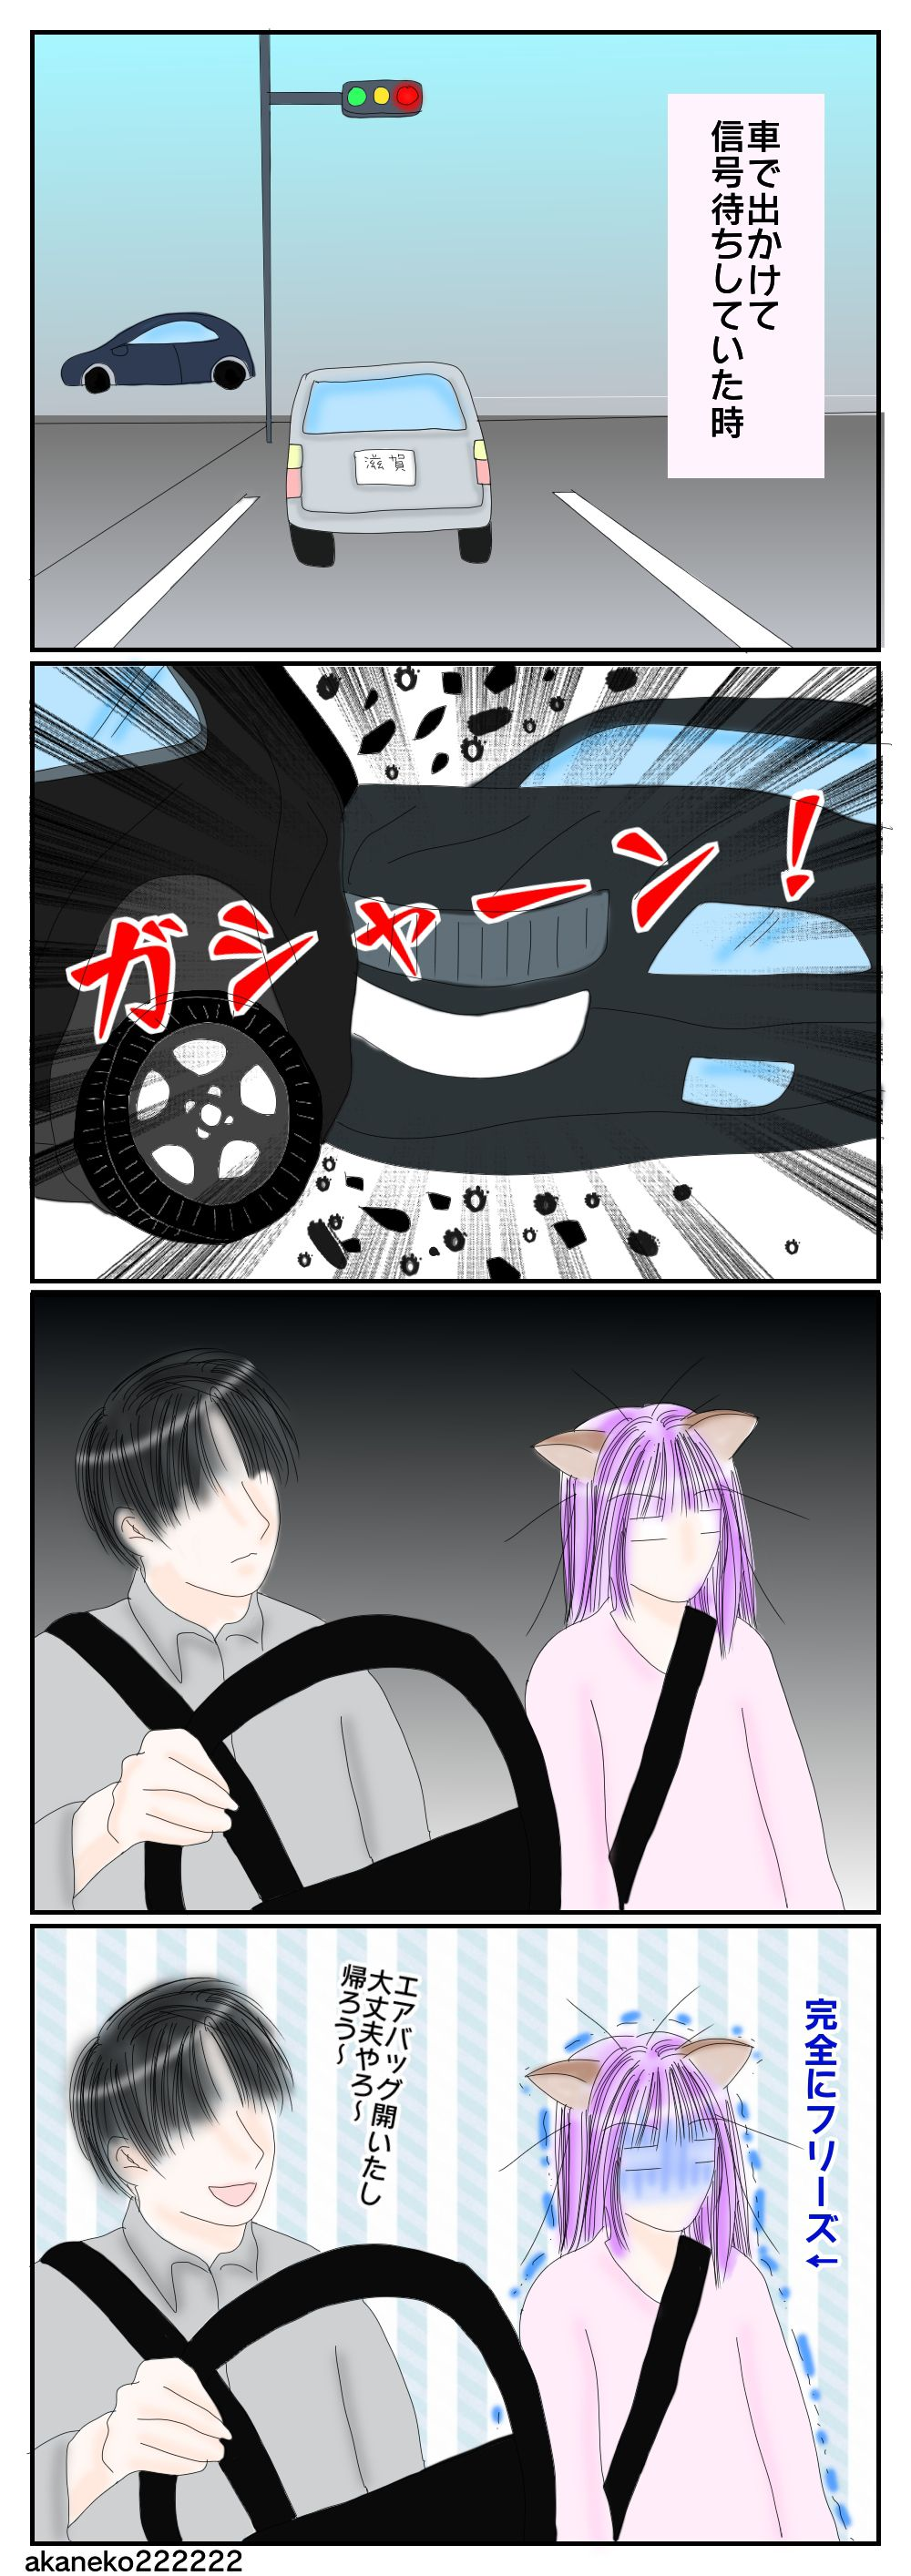 車の交通事故の四コマ漫画